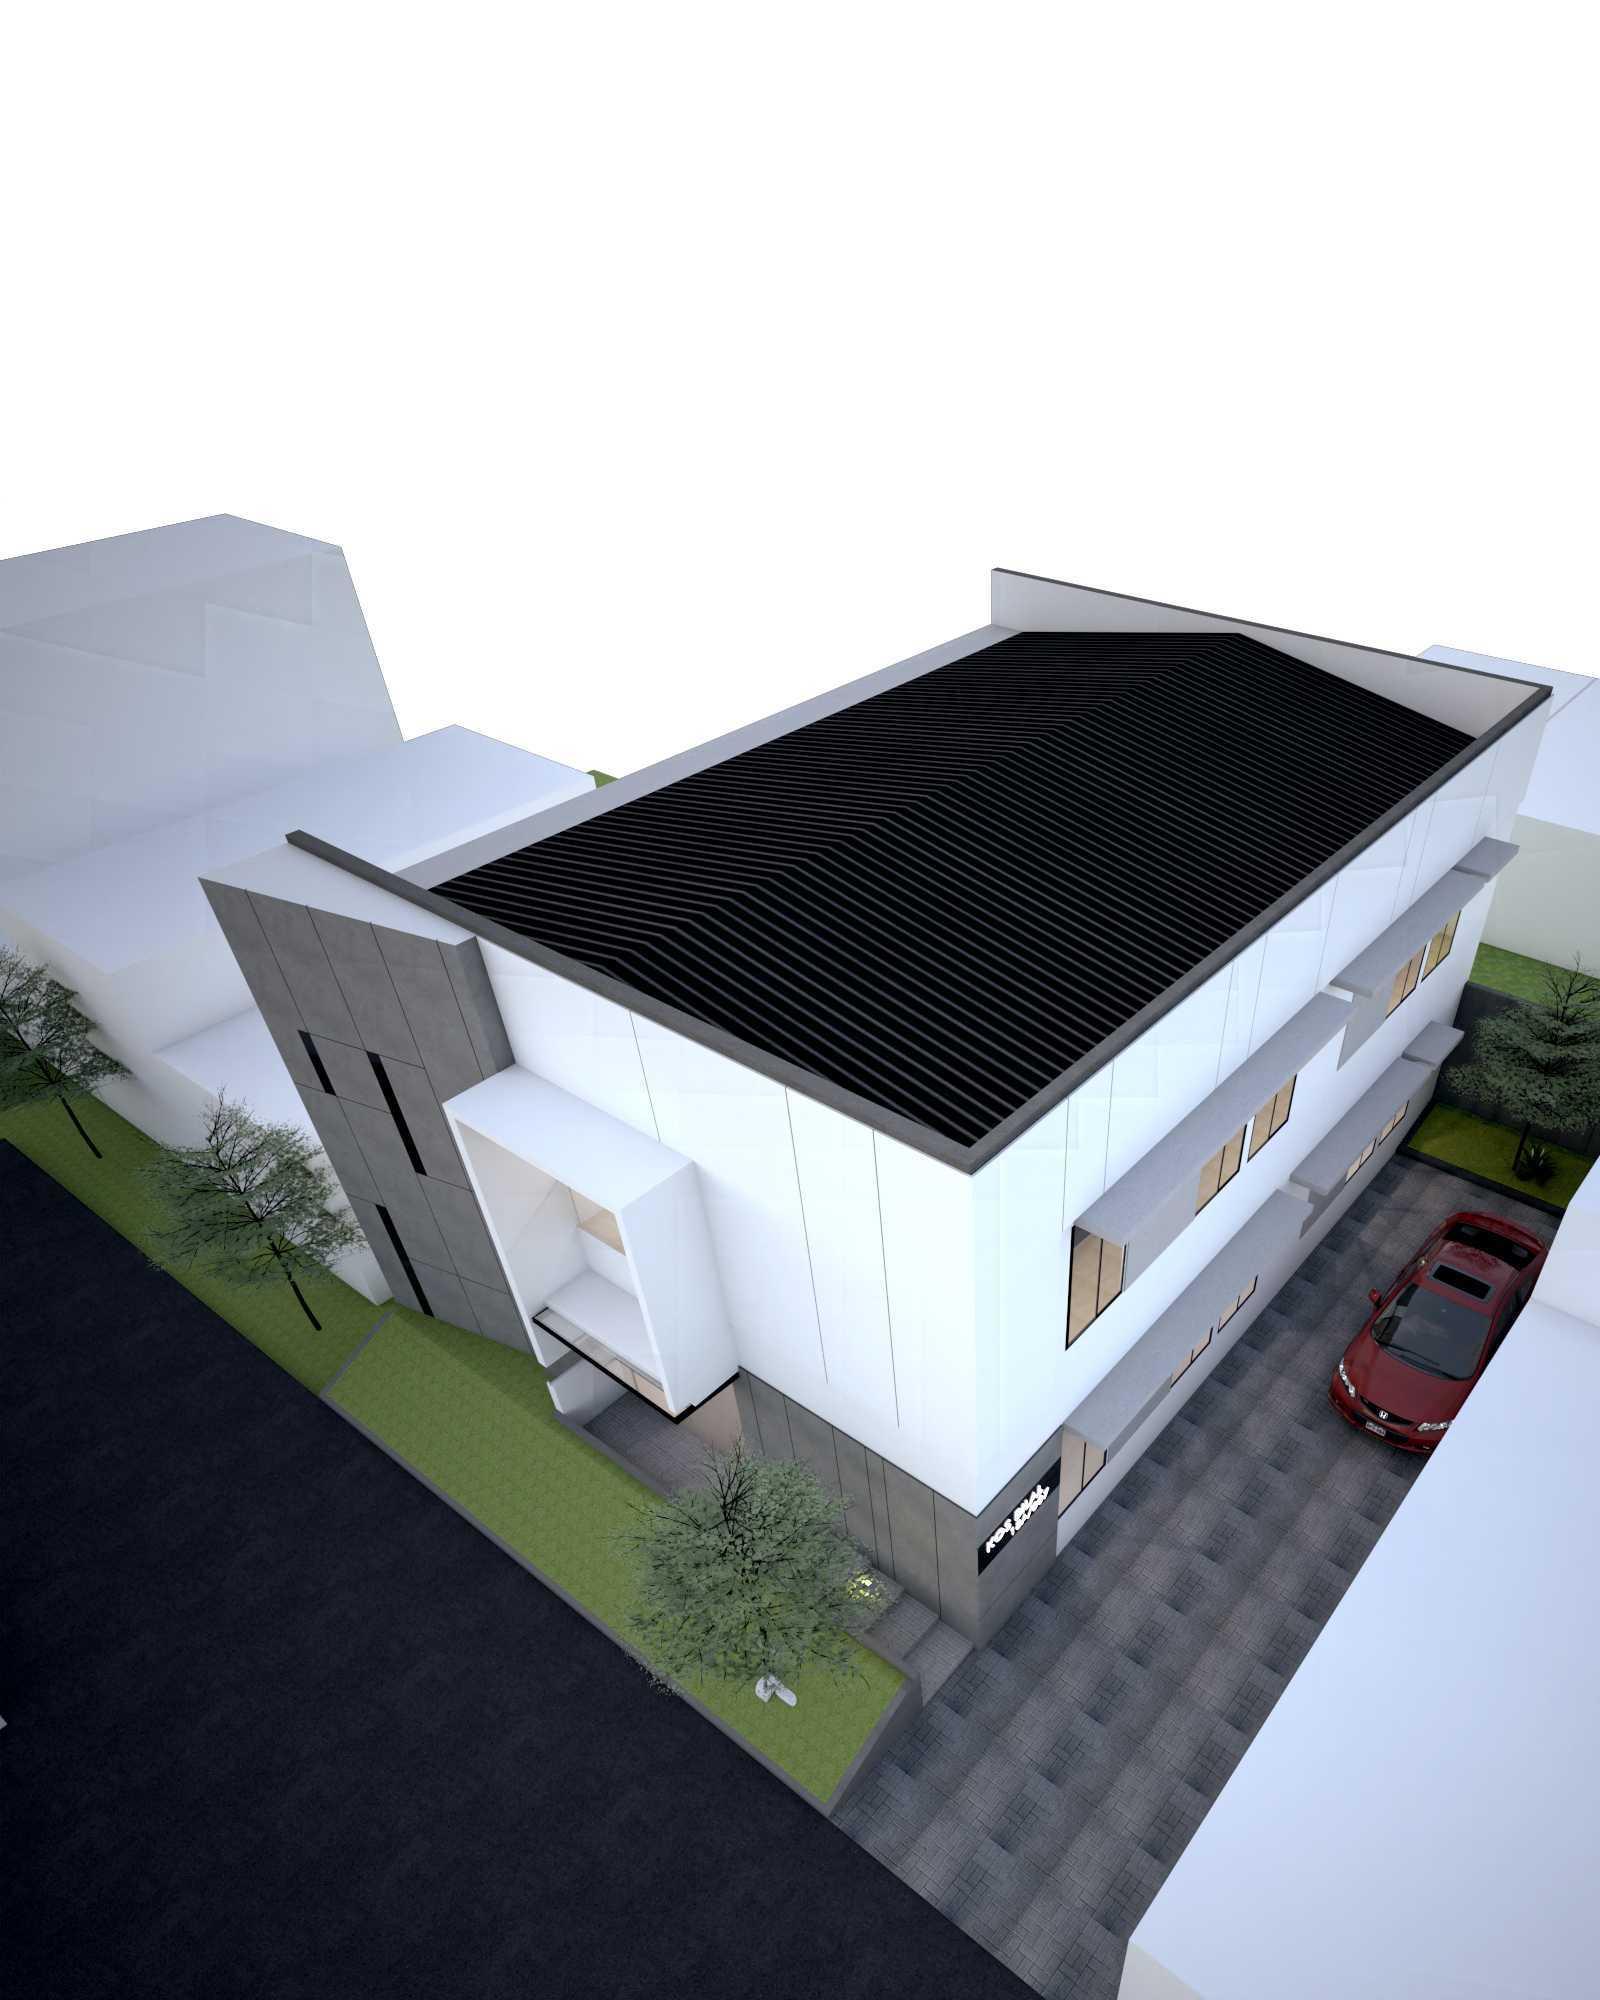 Fala Desain Studio Kos Bilal Maluku Utara, Indonesia Maluku Utara, Indonesia Fala-Desain-Studio-Kos-Bilal  134821